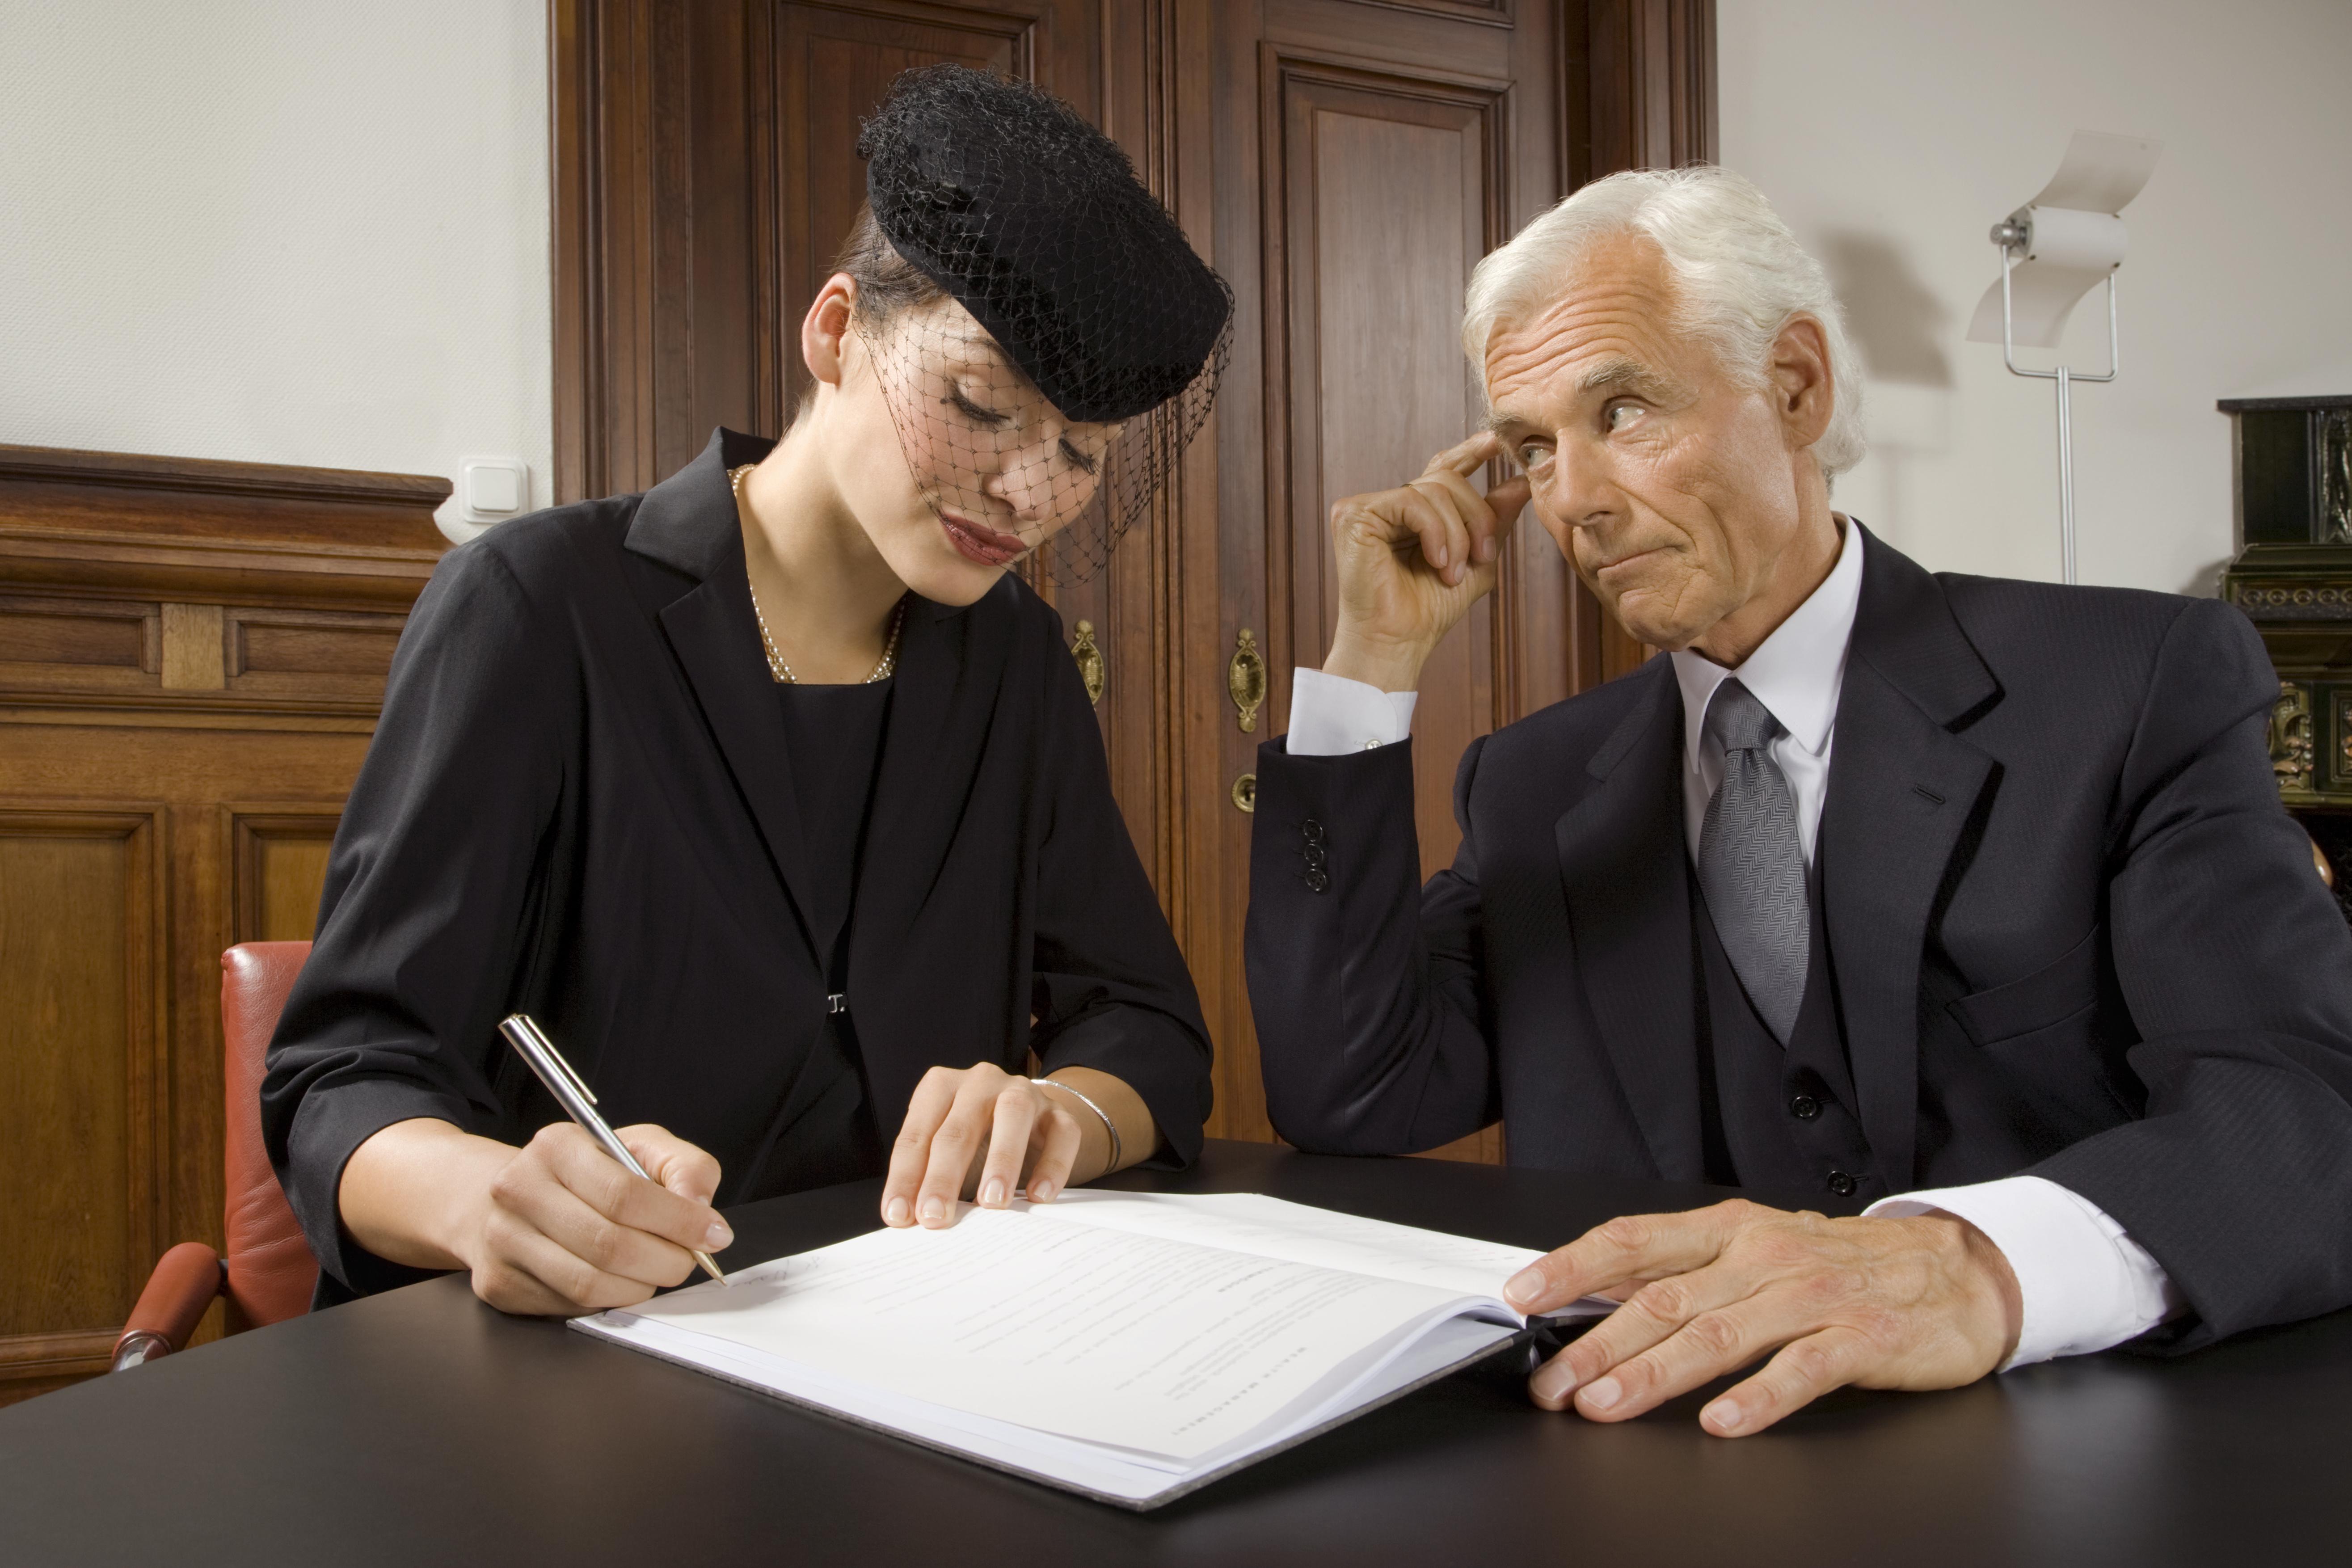 Наследование квартиры: порядок вступления и оформления наследства на квартиру после смерти, необходимые документы | эксперт по наследству